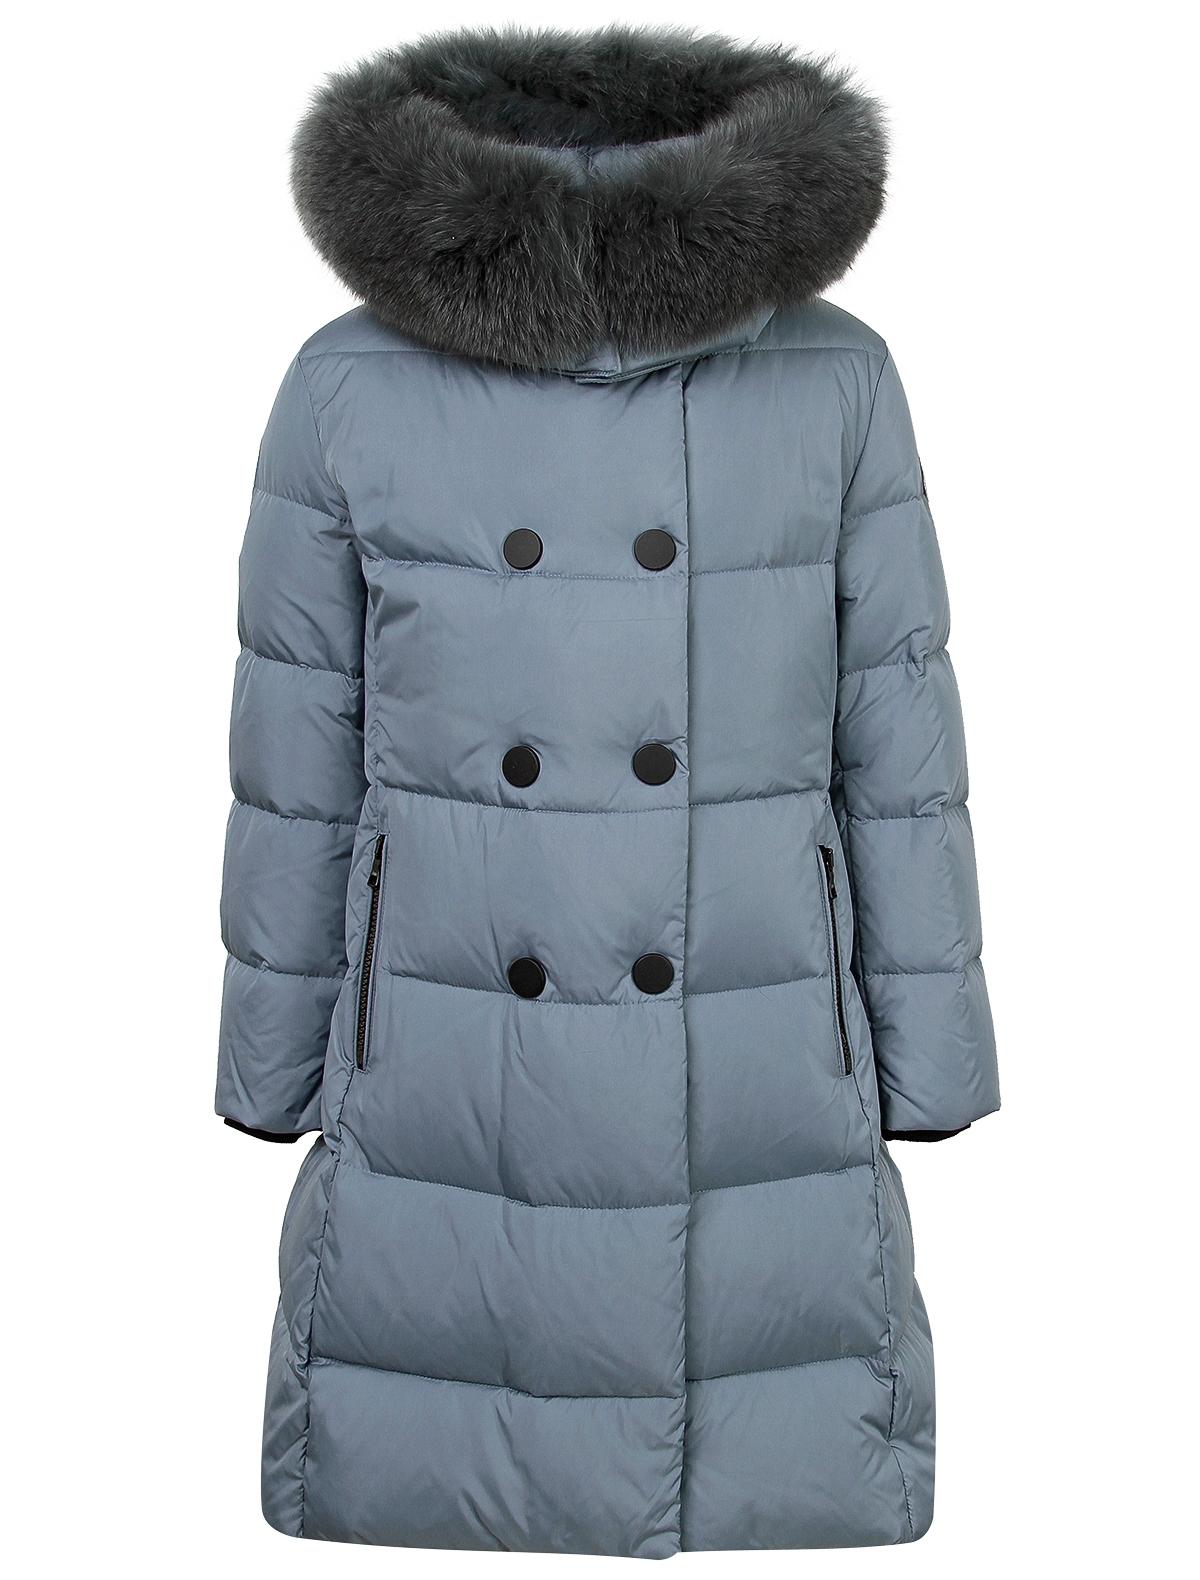 Купить 2121256, Пальто Jums Kids, голубой, Женский, 1121509980064